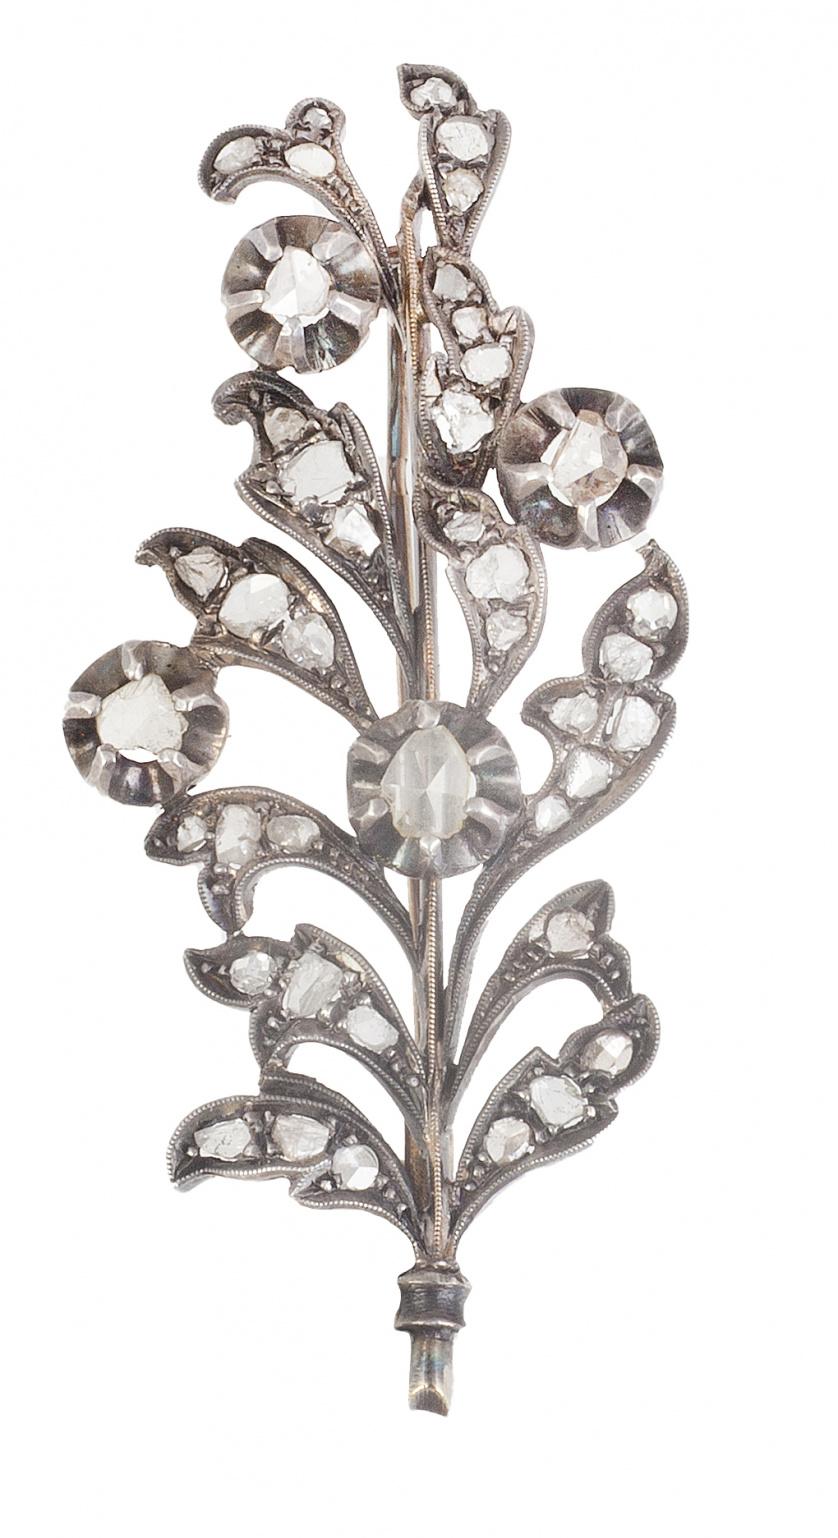 Broche rama de diamantes S. XIX